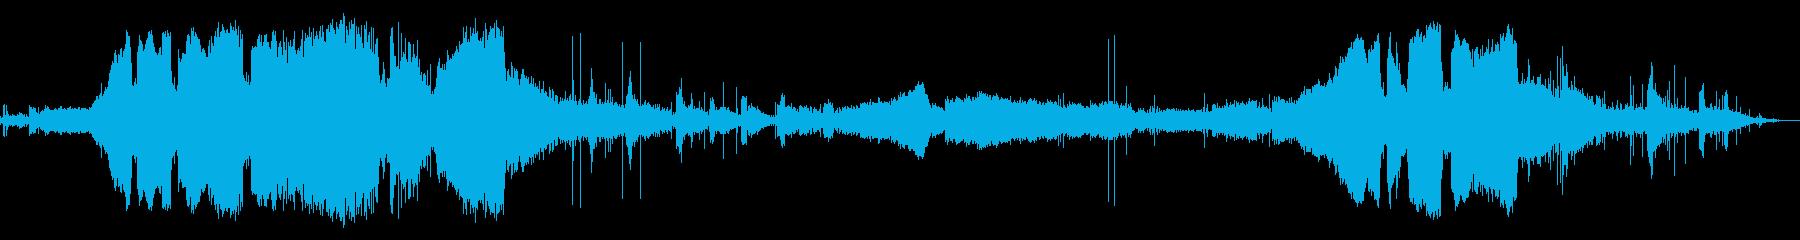 ヤマハ450 Ccモトクロス:オン...の再生済みの波形